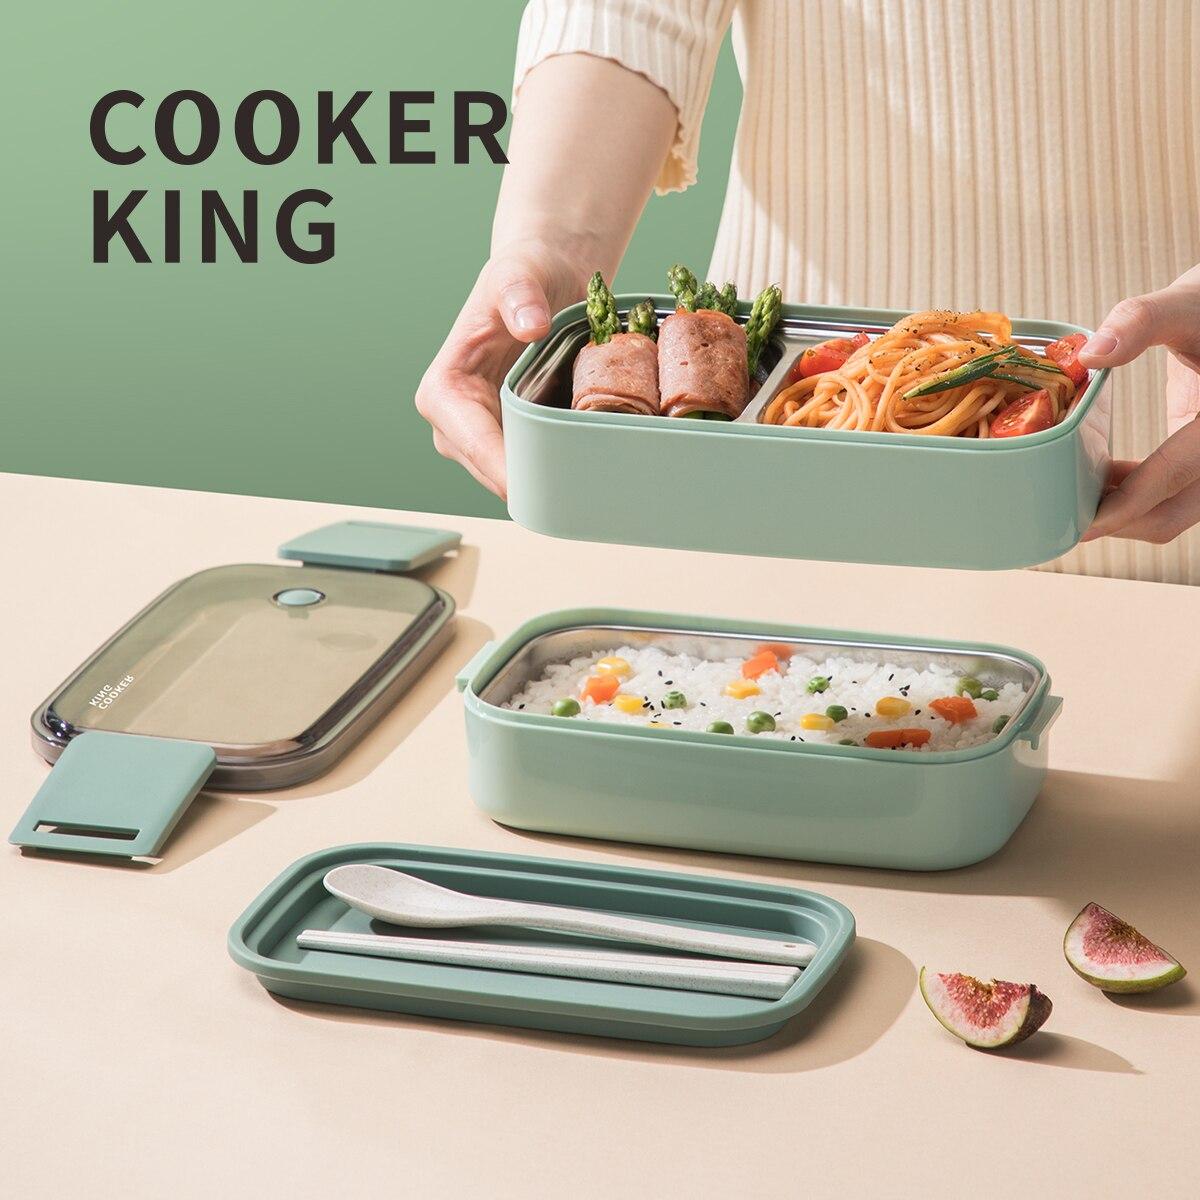 Плита KING 304 Нержавеющаясталь Bento Коробки для обедов, защита от утечек Стекируемый 2 слоя дизайн, микроволновая печь, морозильная камера посу...